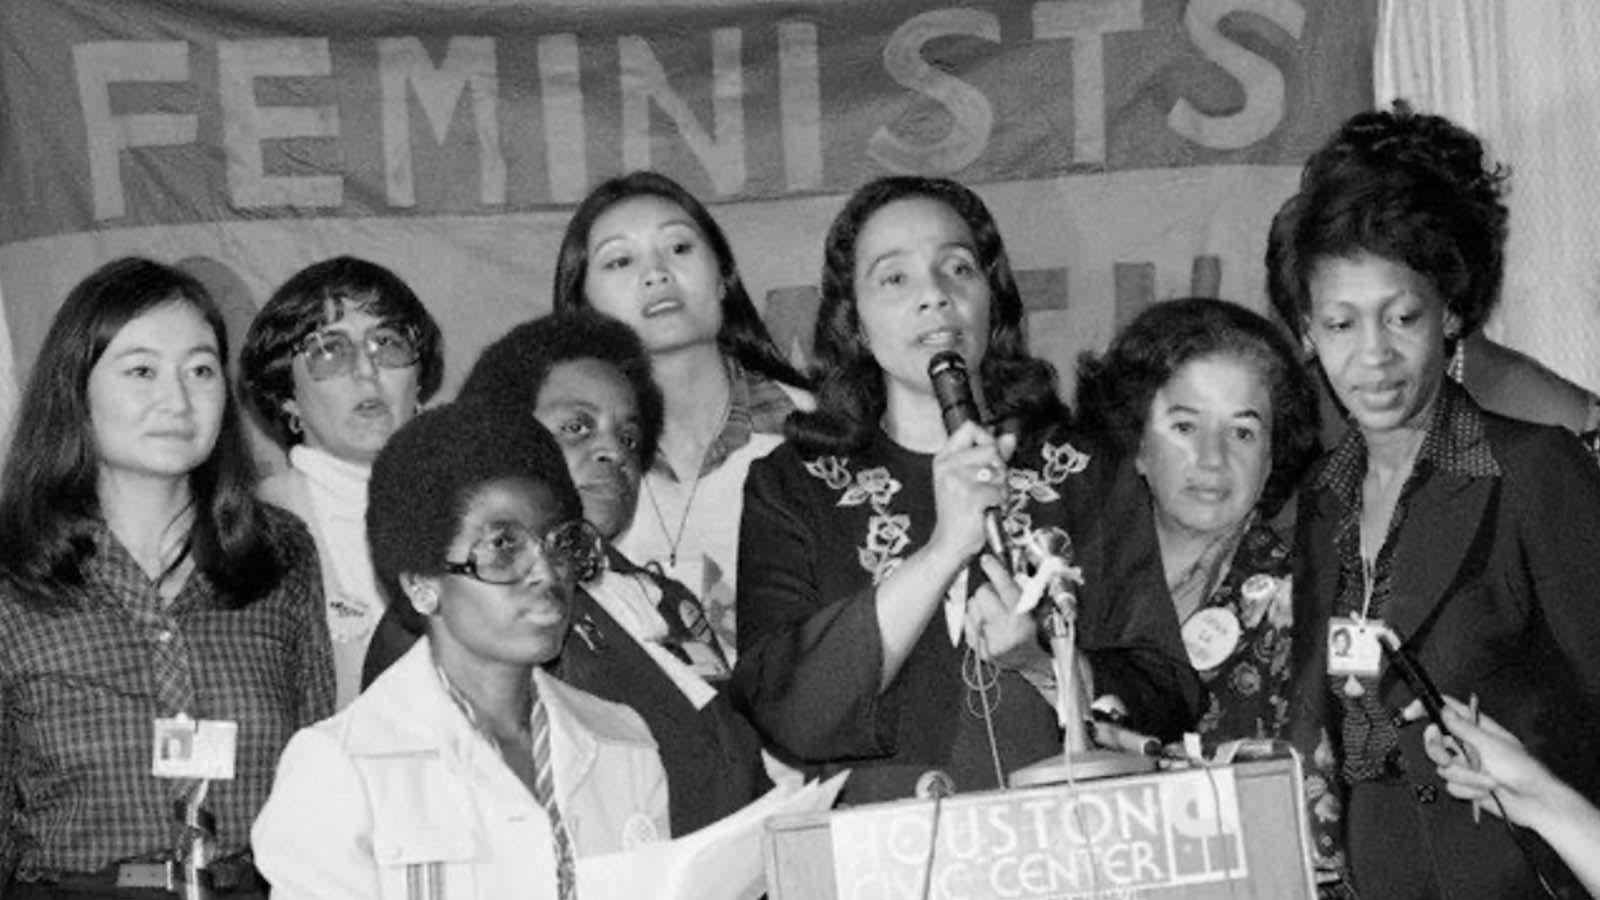 Feminists speaking at podium